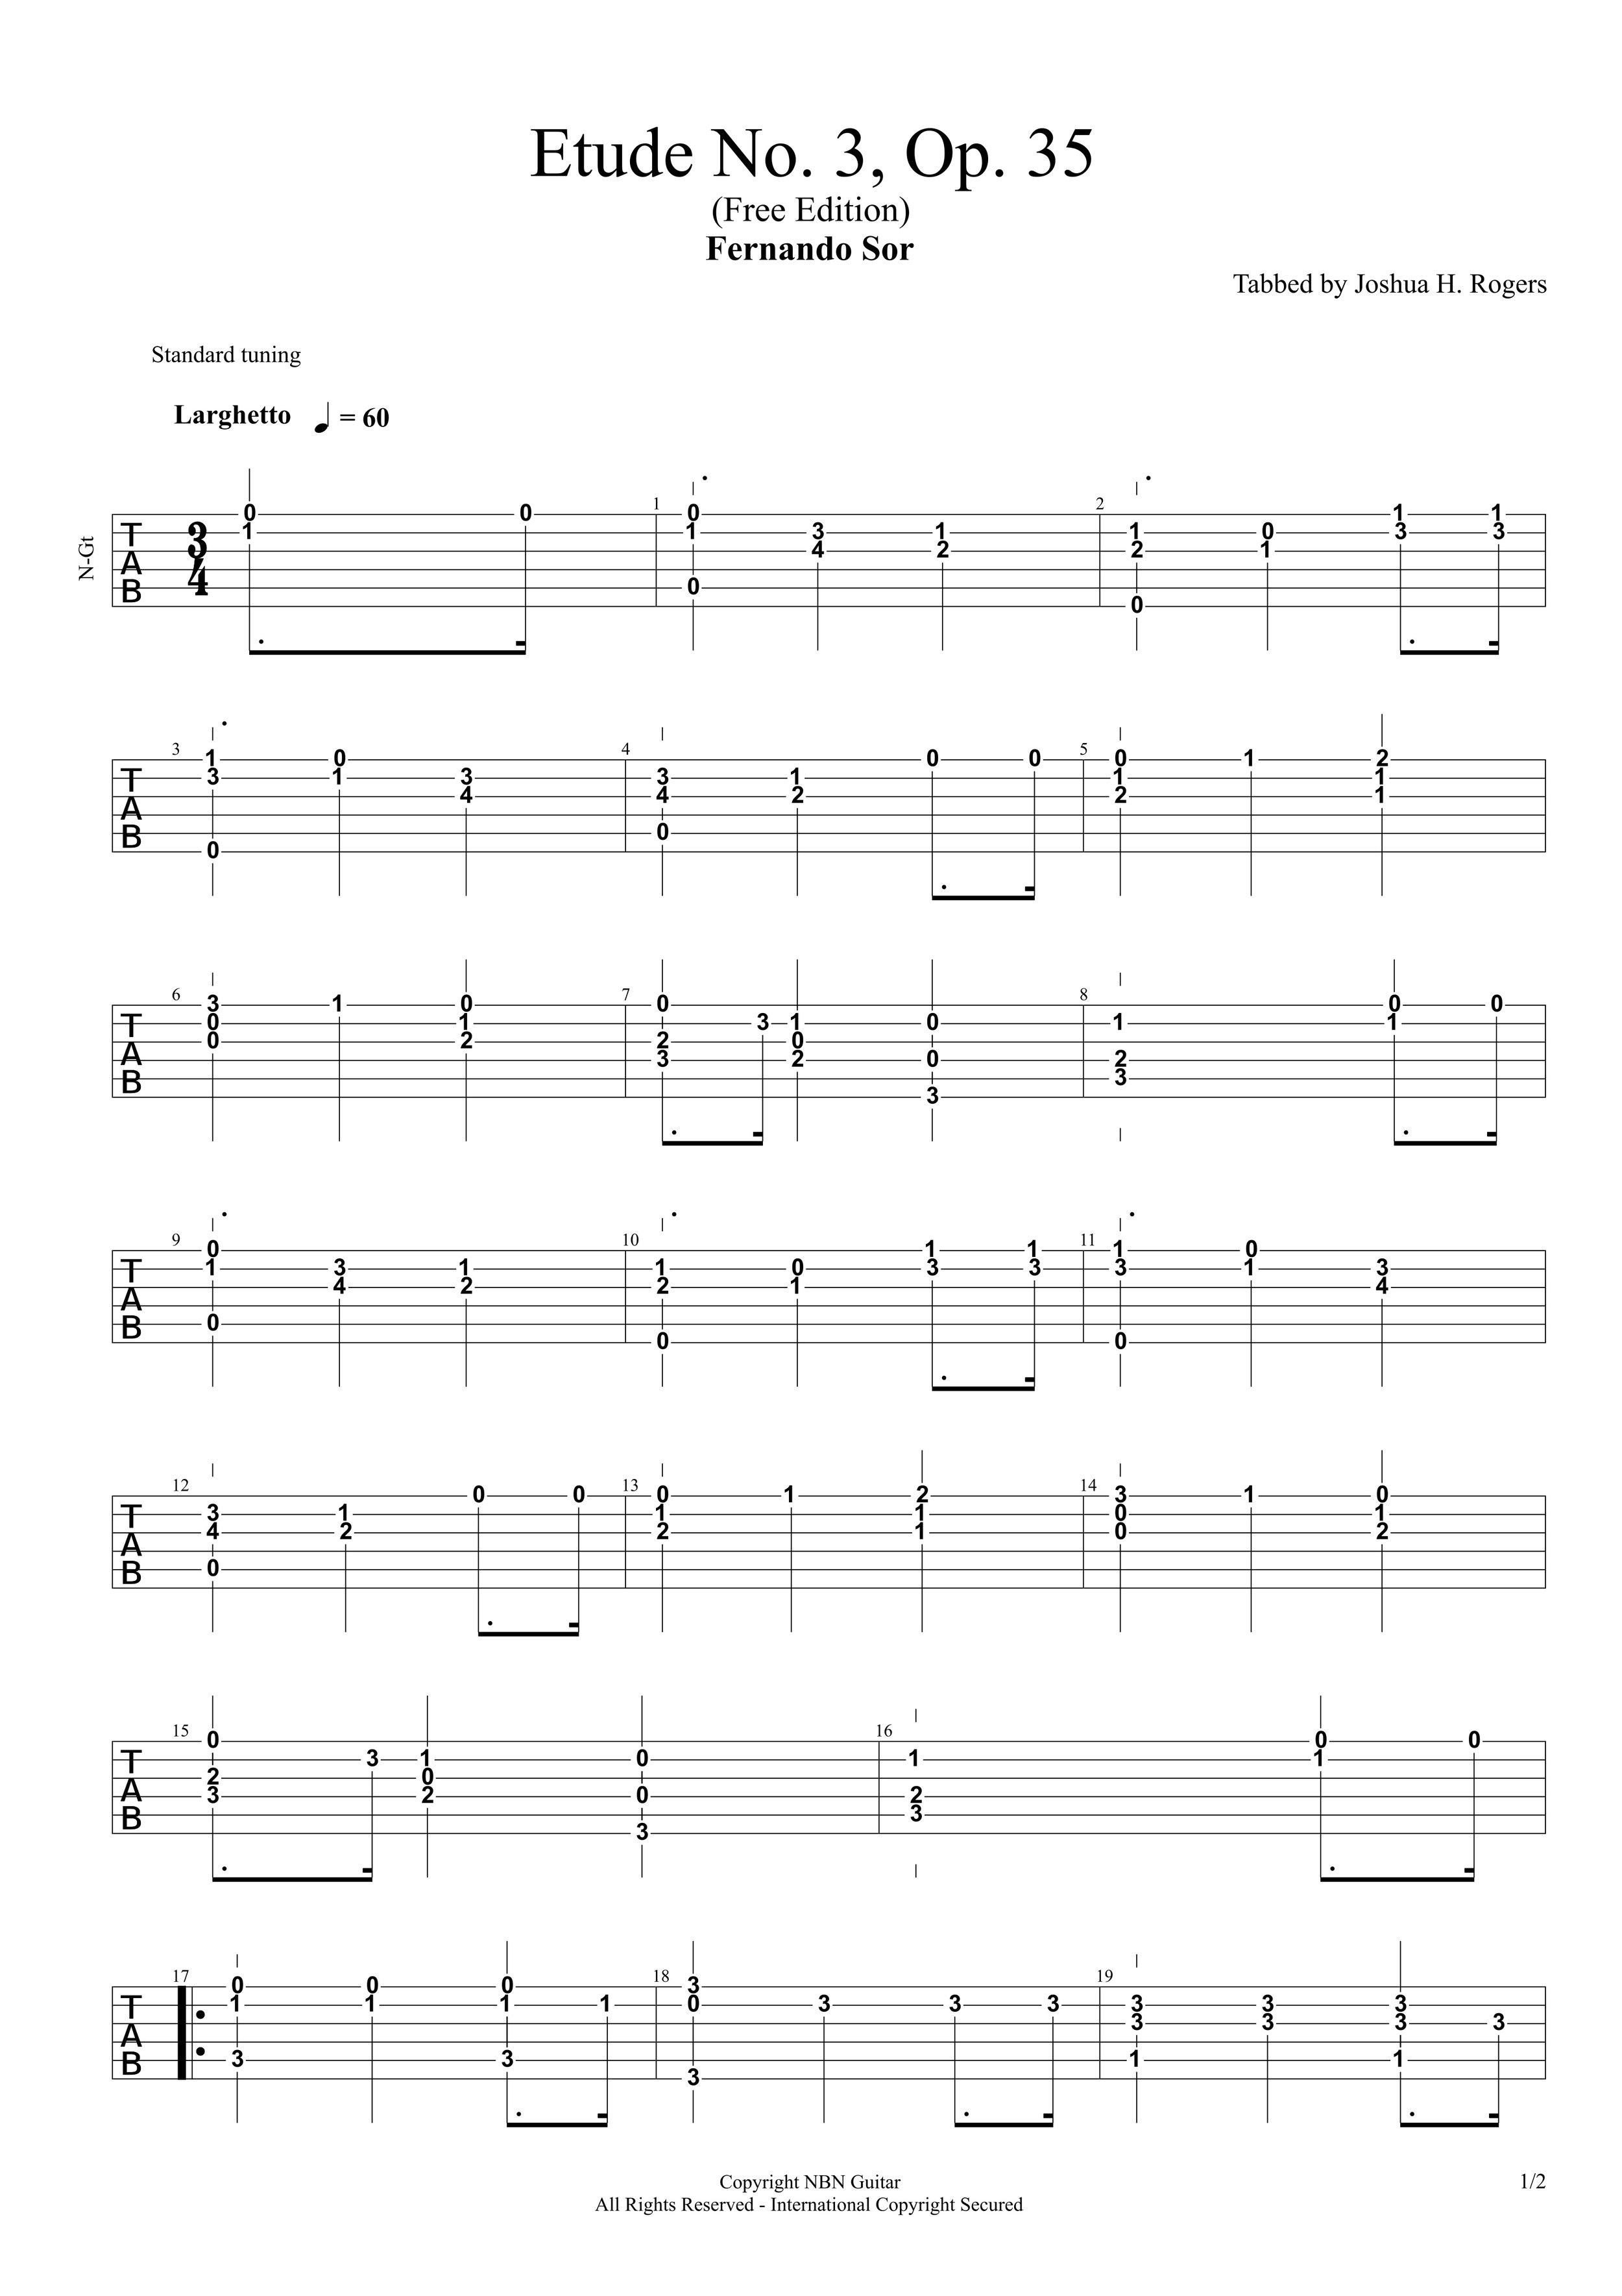 Etude No. 3, Op. 35 (Tabs)-p3.jpg